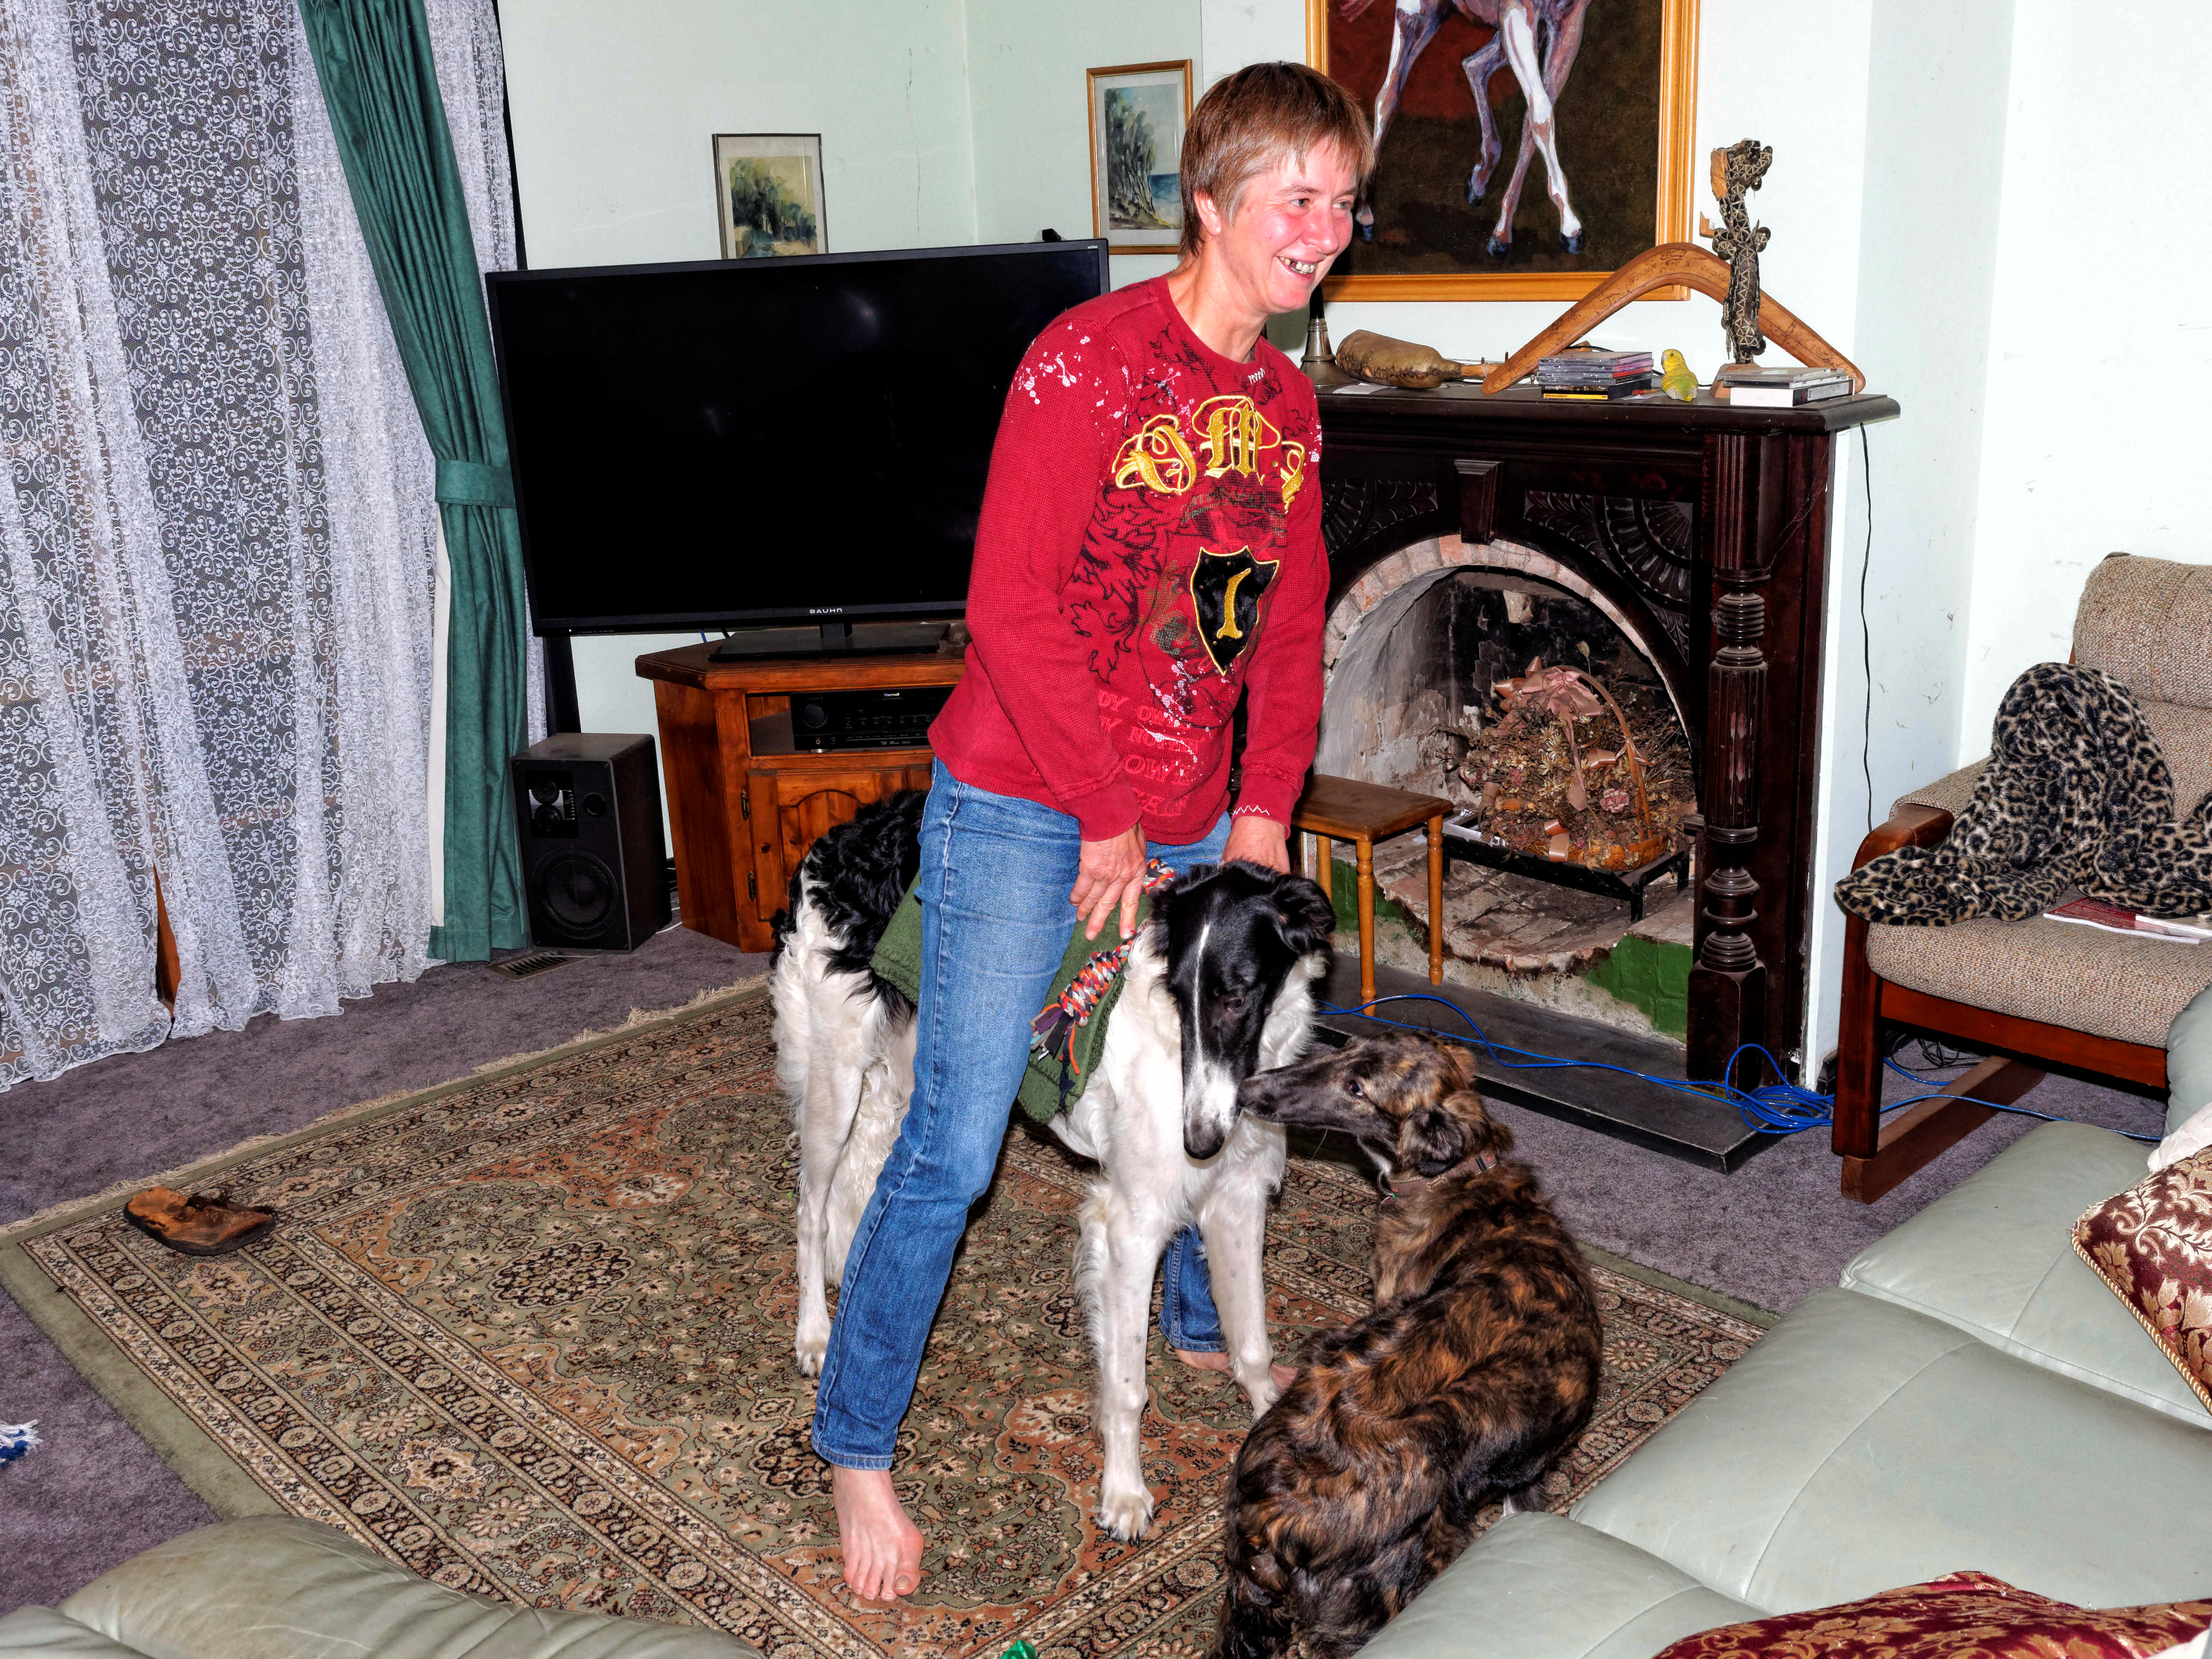 Chris-and-dogs-7.jpeg